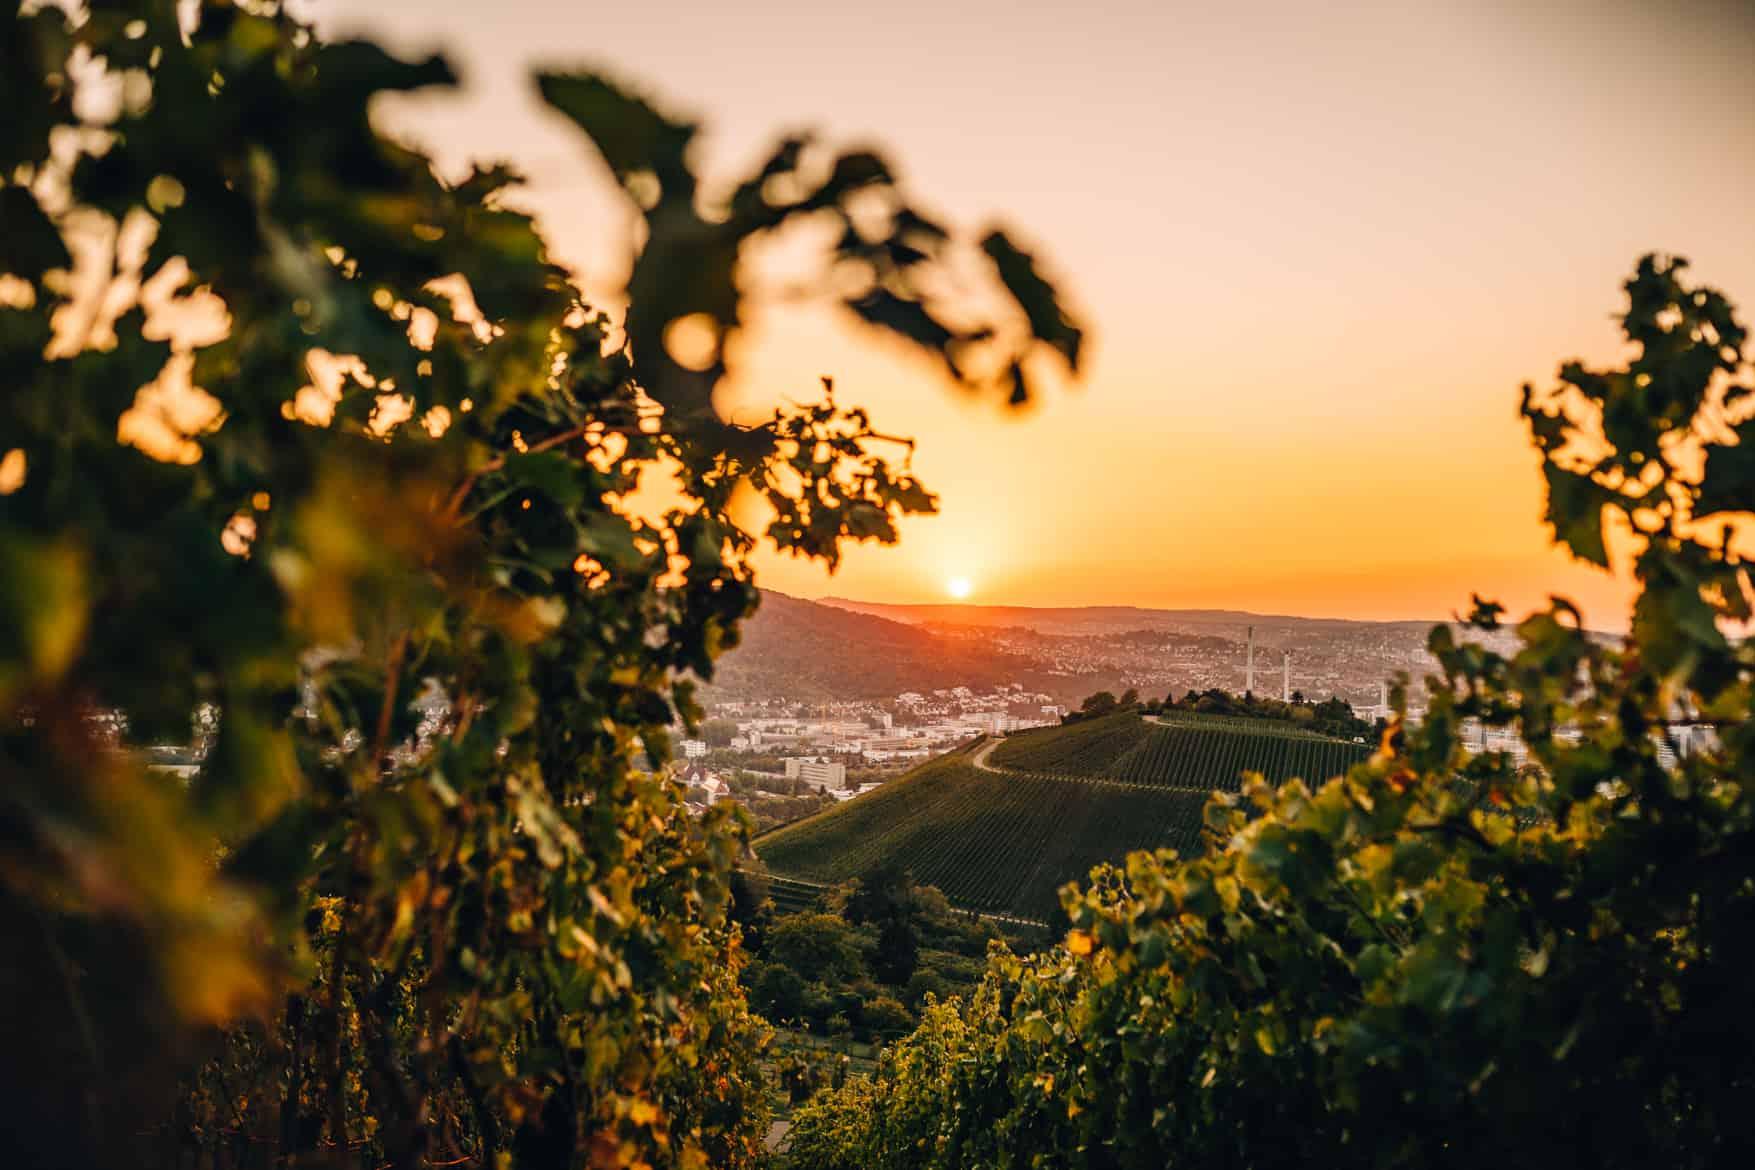 Stuttgart im Herbst - Cannstatter Wasen, Kürbisfestival & #tastyStuttgart: Sonnenuntergang Württemberg / Grabkapelle